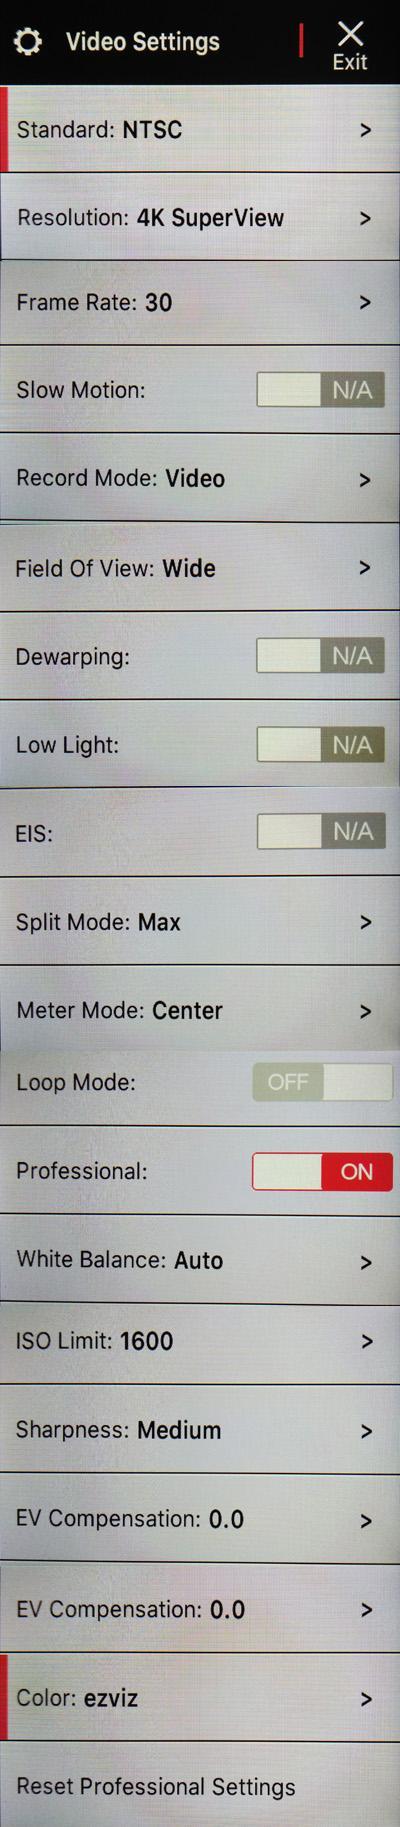 Ezviz S5 и S5+: экшн-камеры повышенной четкости - 20